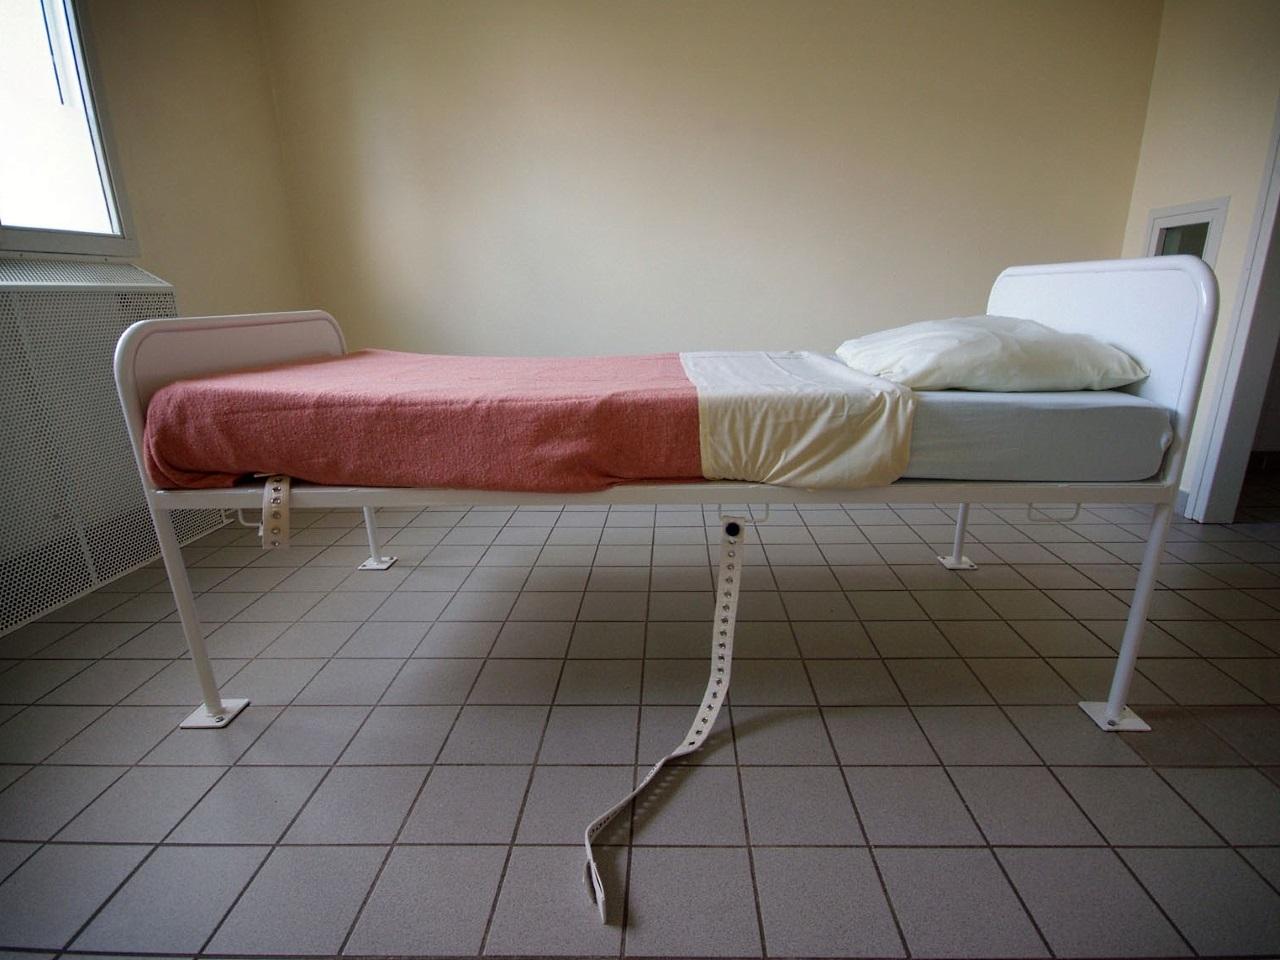 2 Soeurs À Enculer mions : hospitalisée d'office après avoir poignardé sa soeur